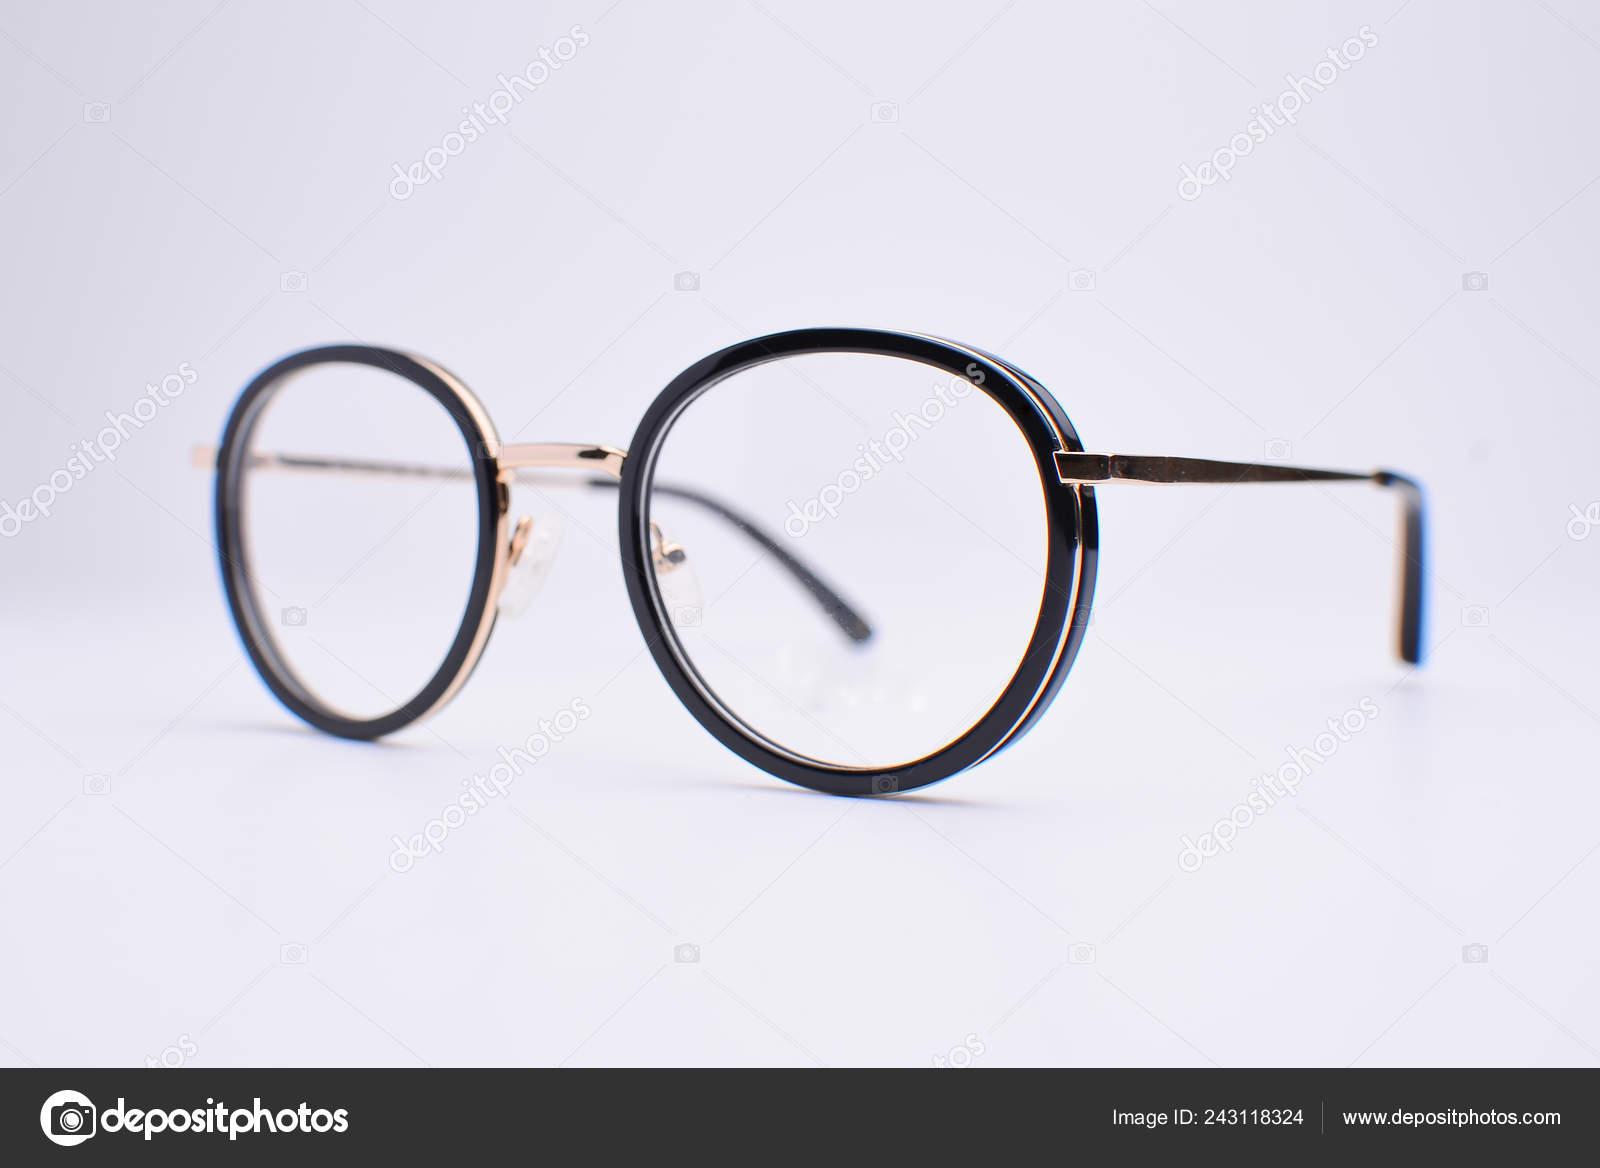 Eye Glasses Isolated White Background Stock Photo